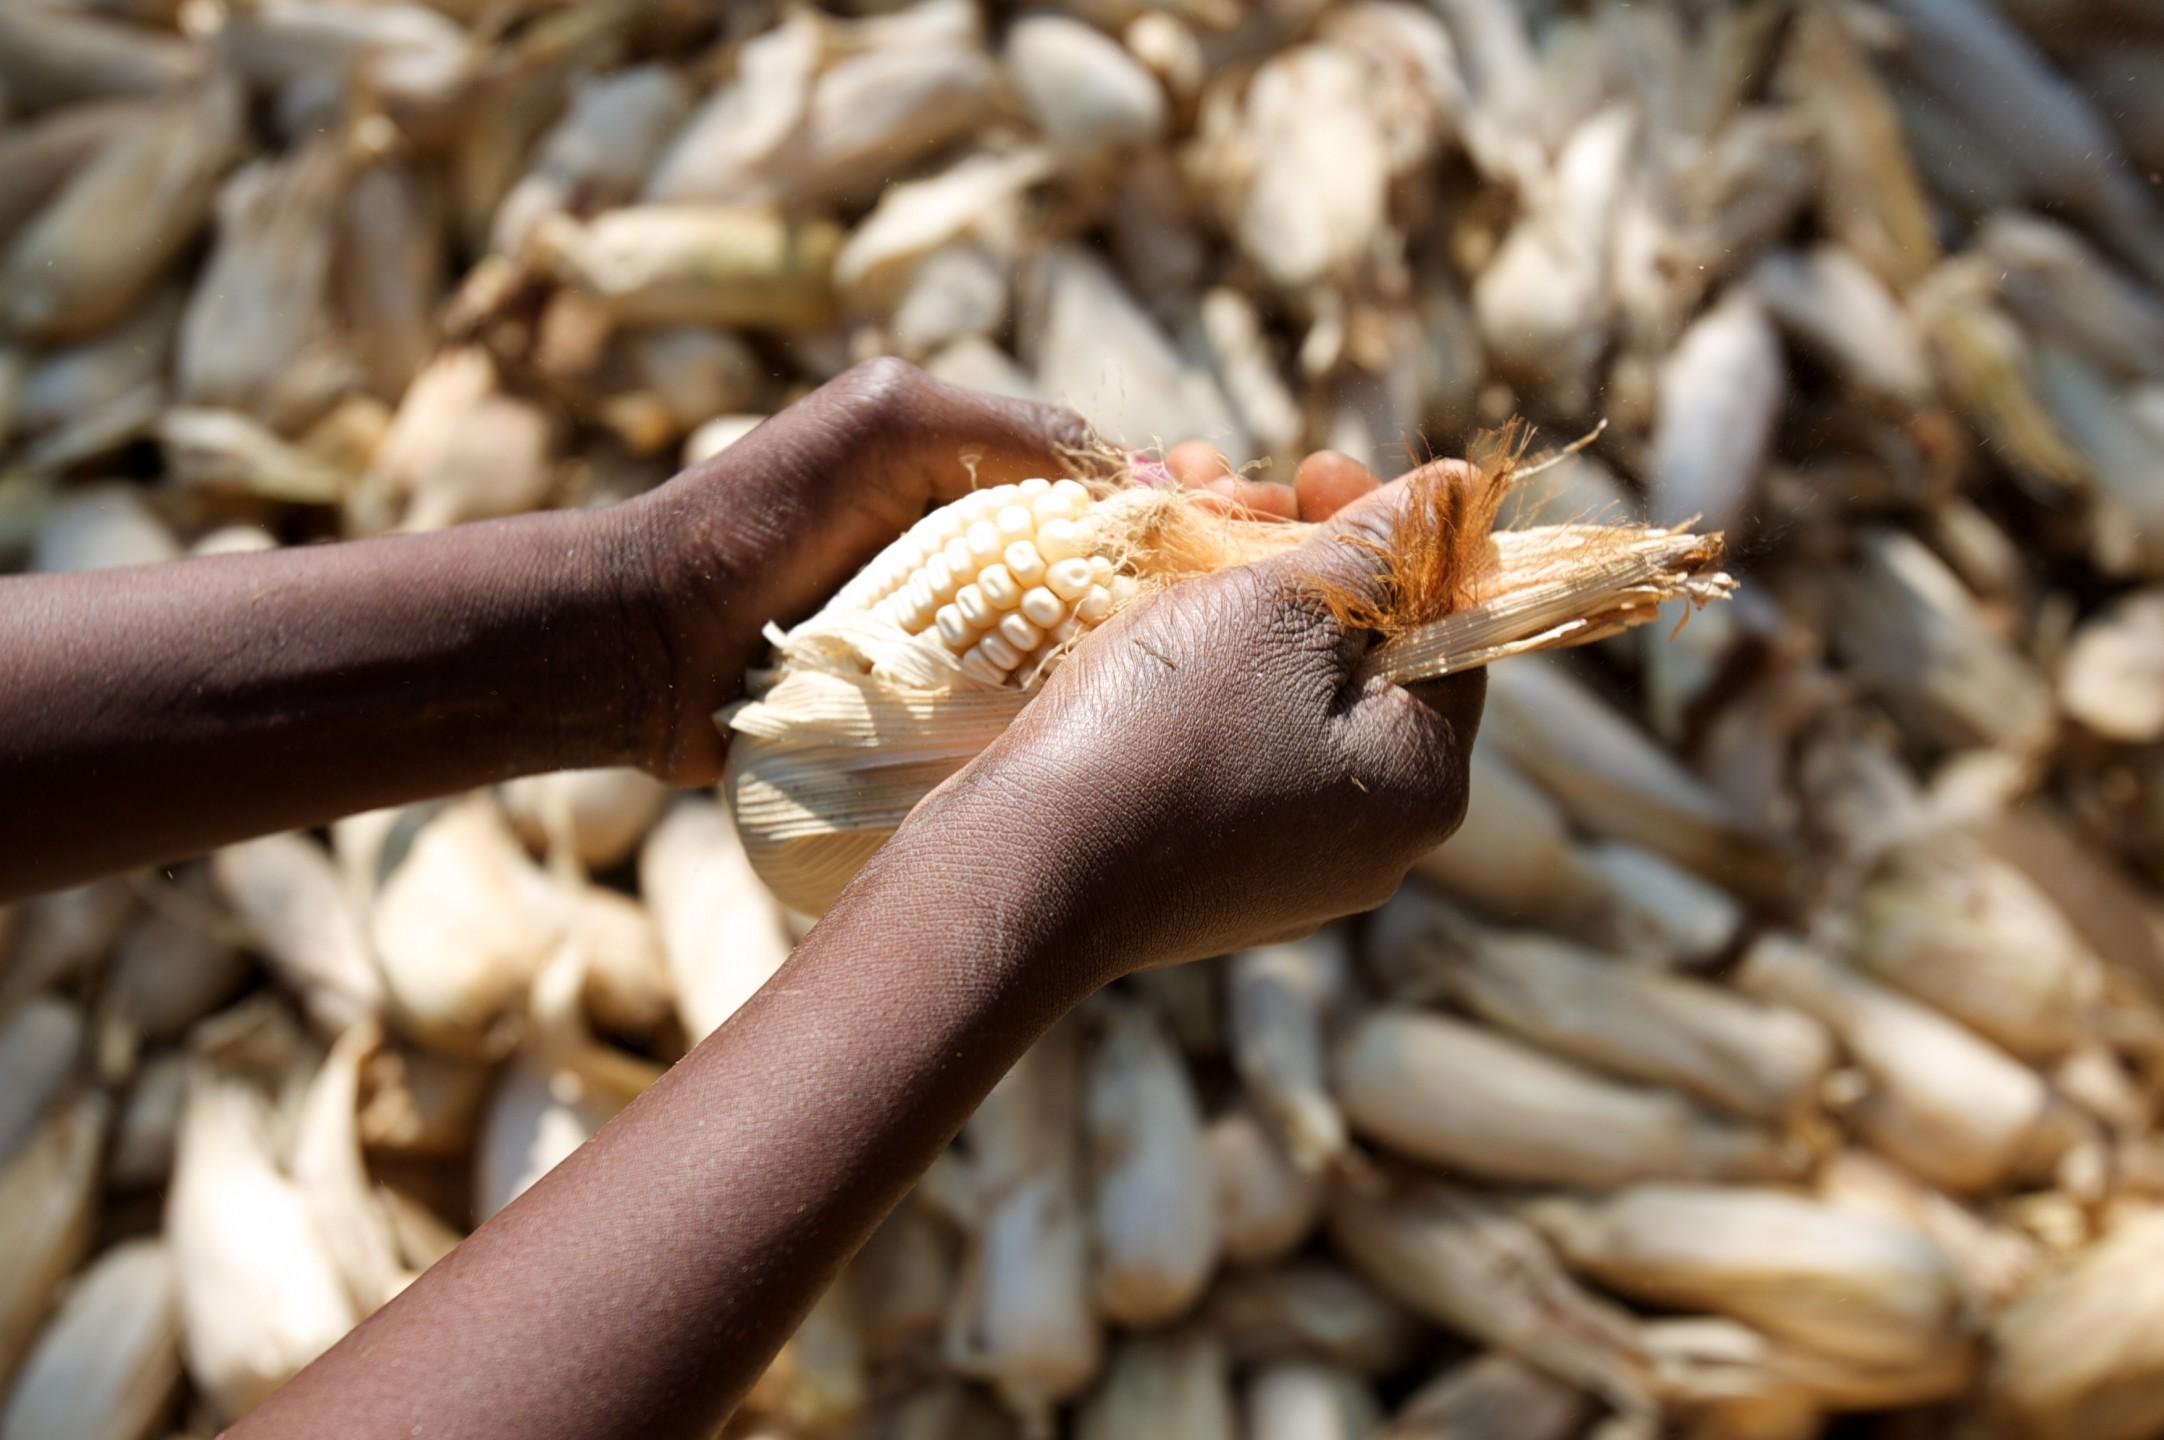 africa_food_security_11_10665081134.jpg